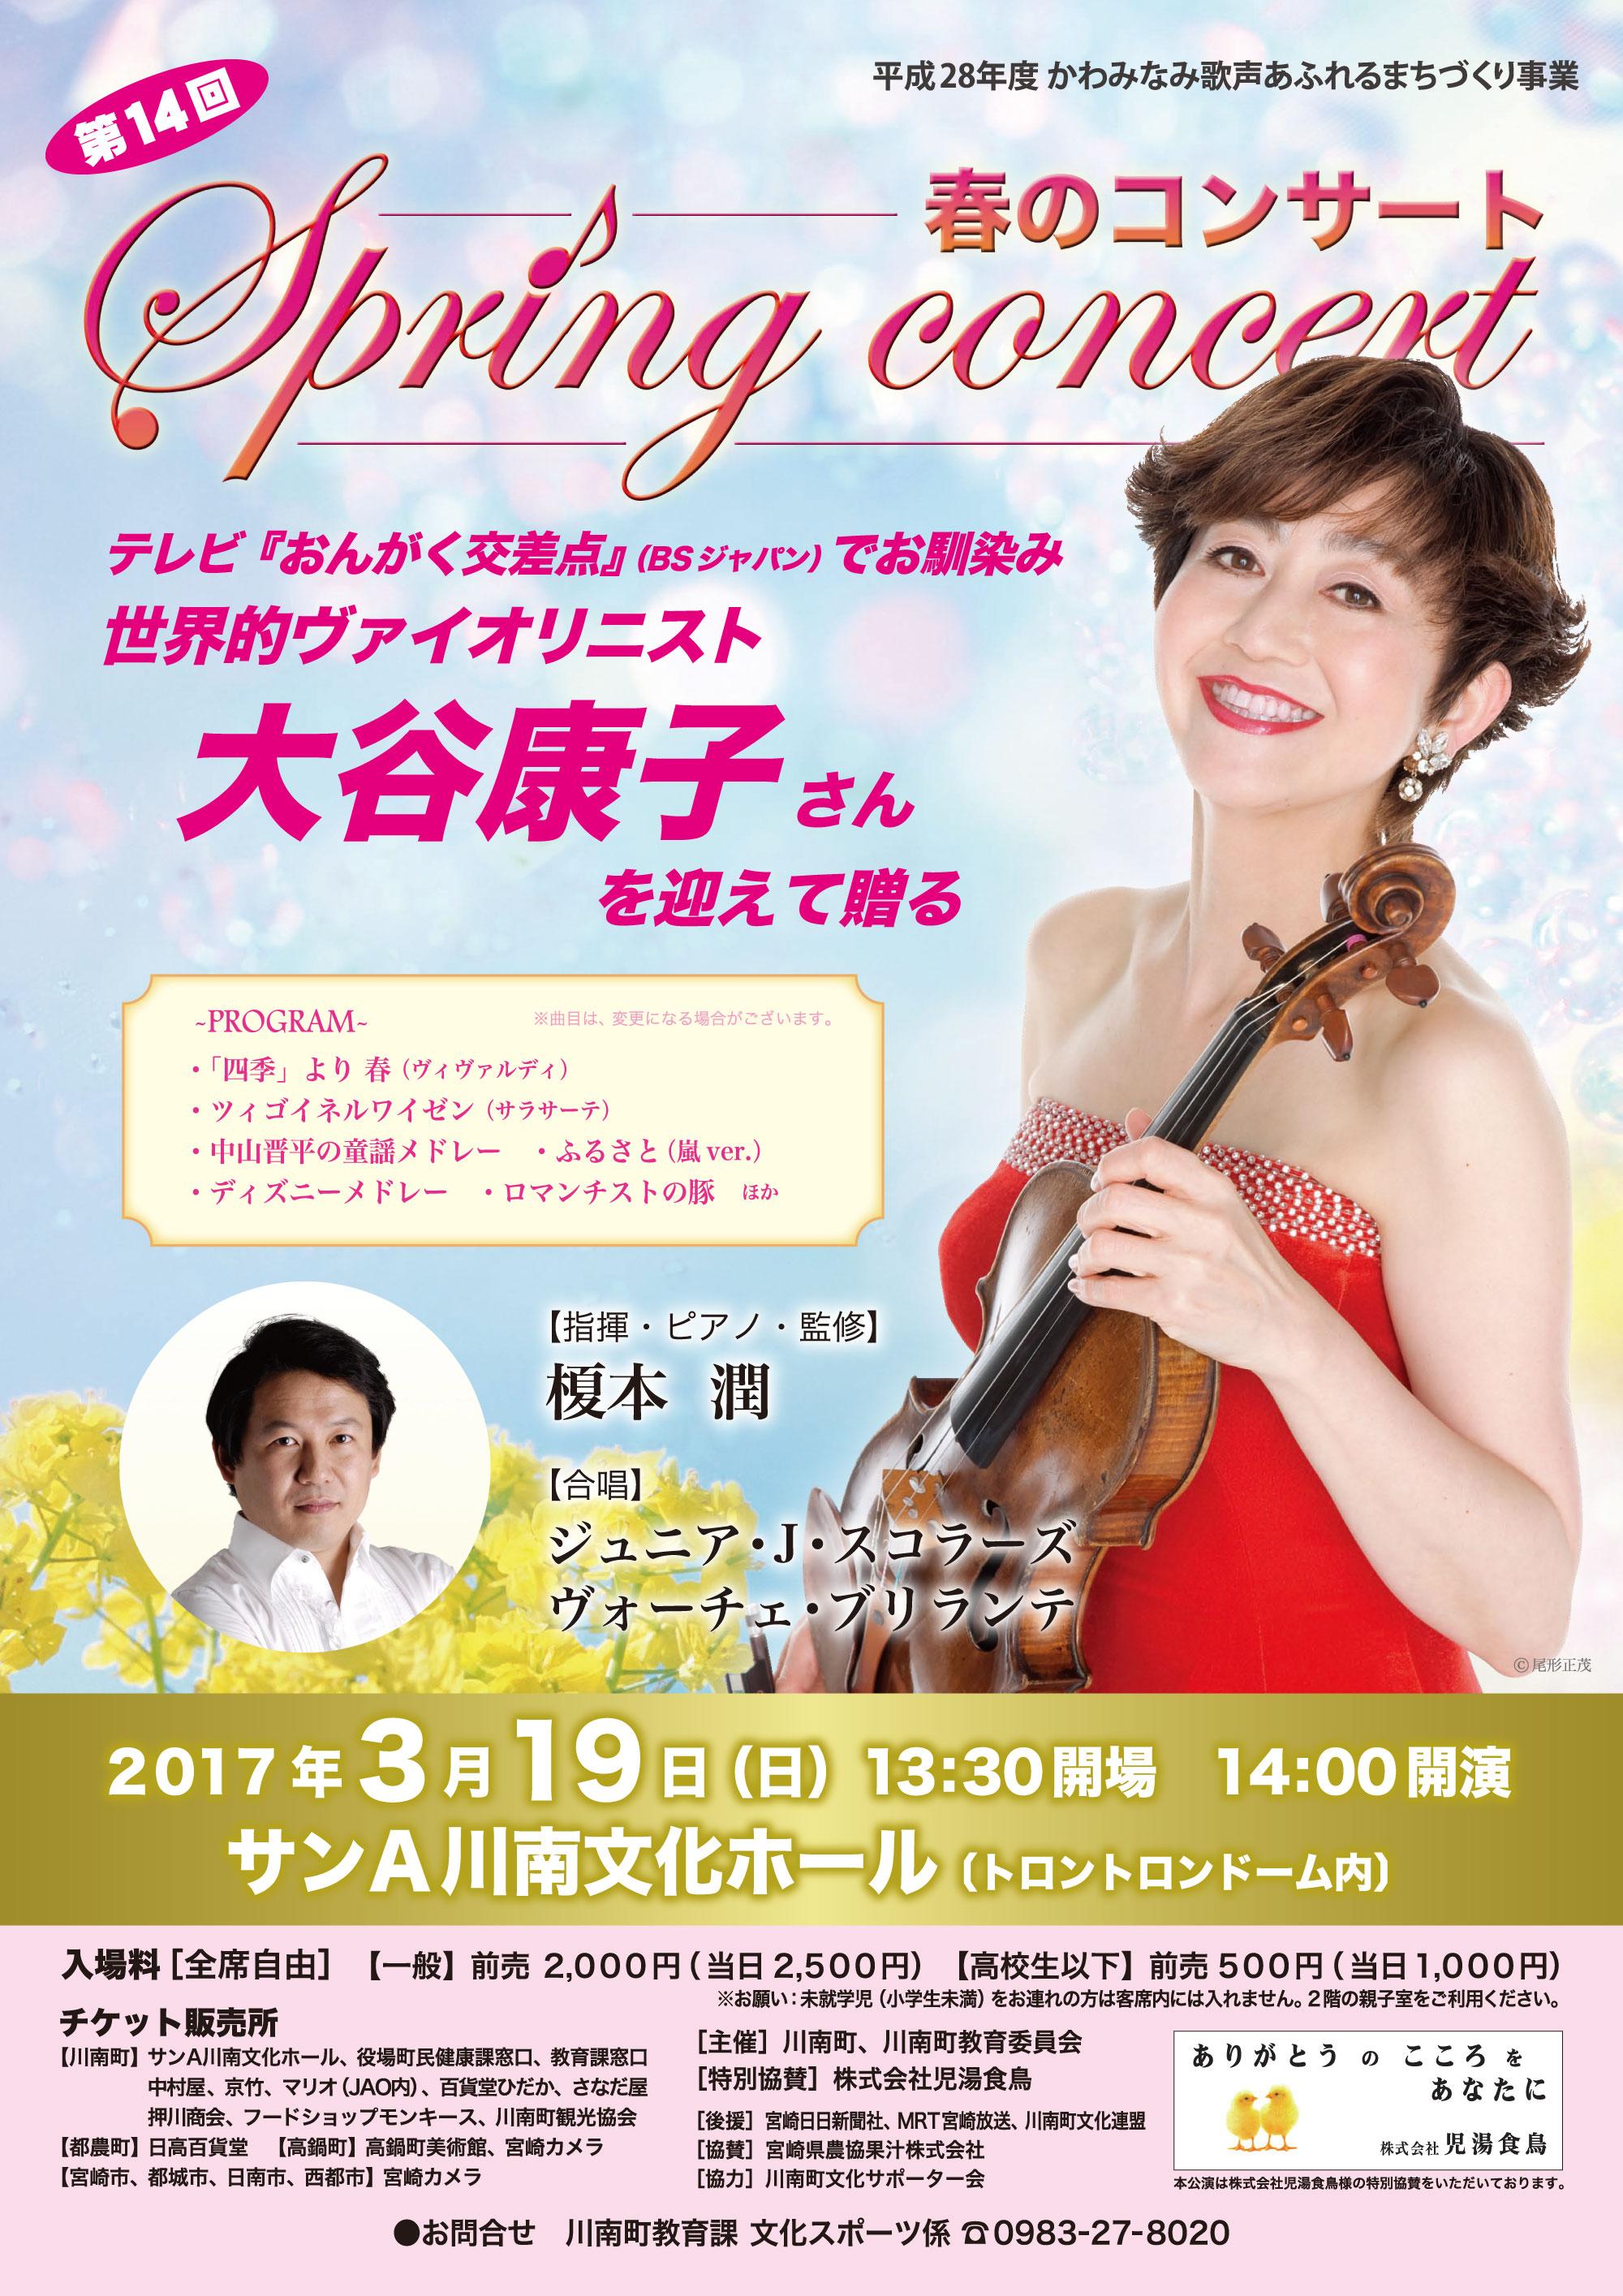 第14回 川南スプリング・コンサート